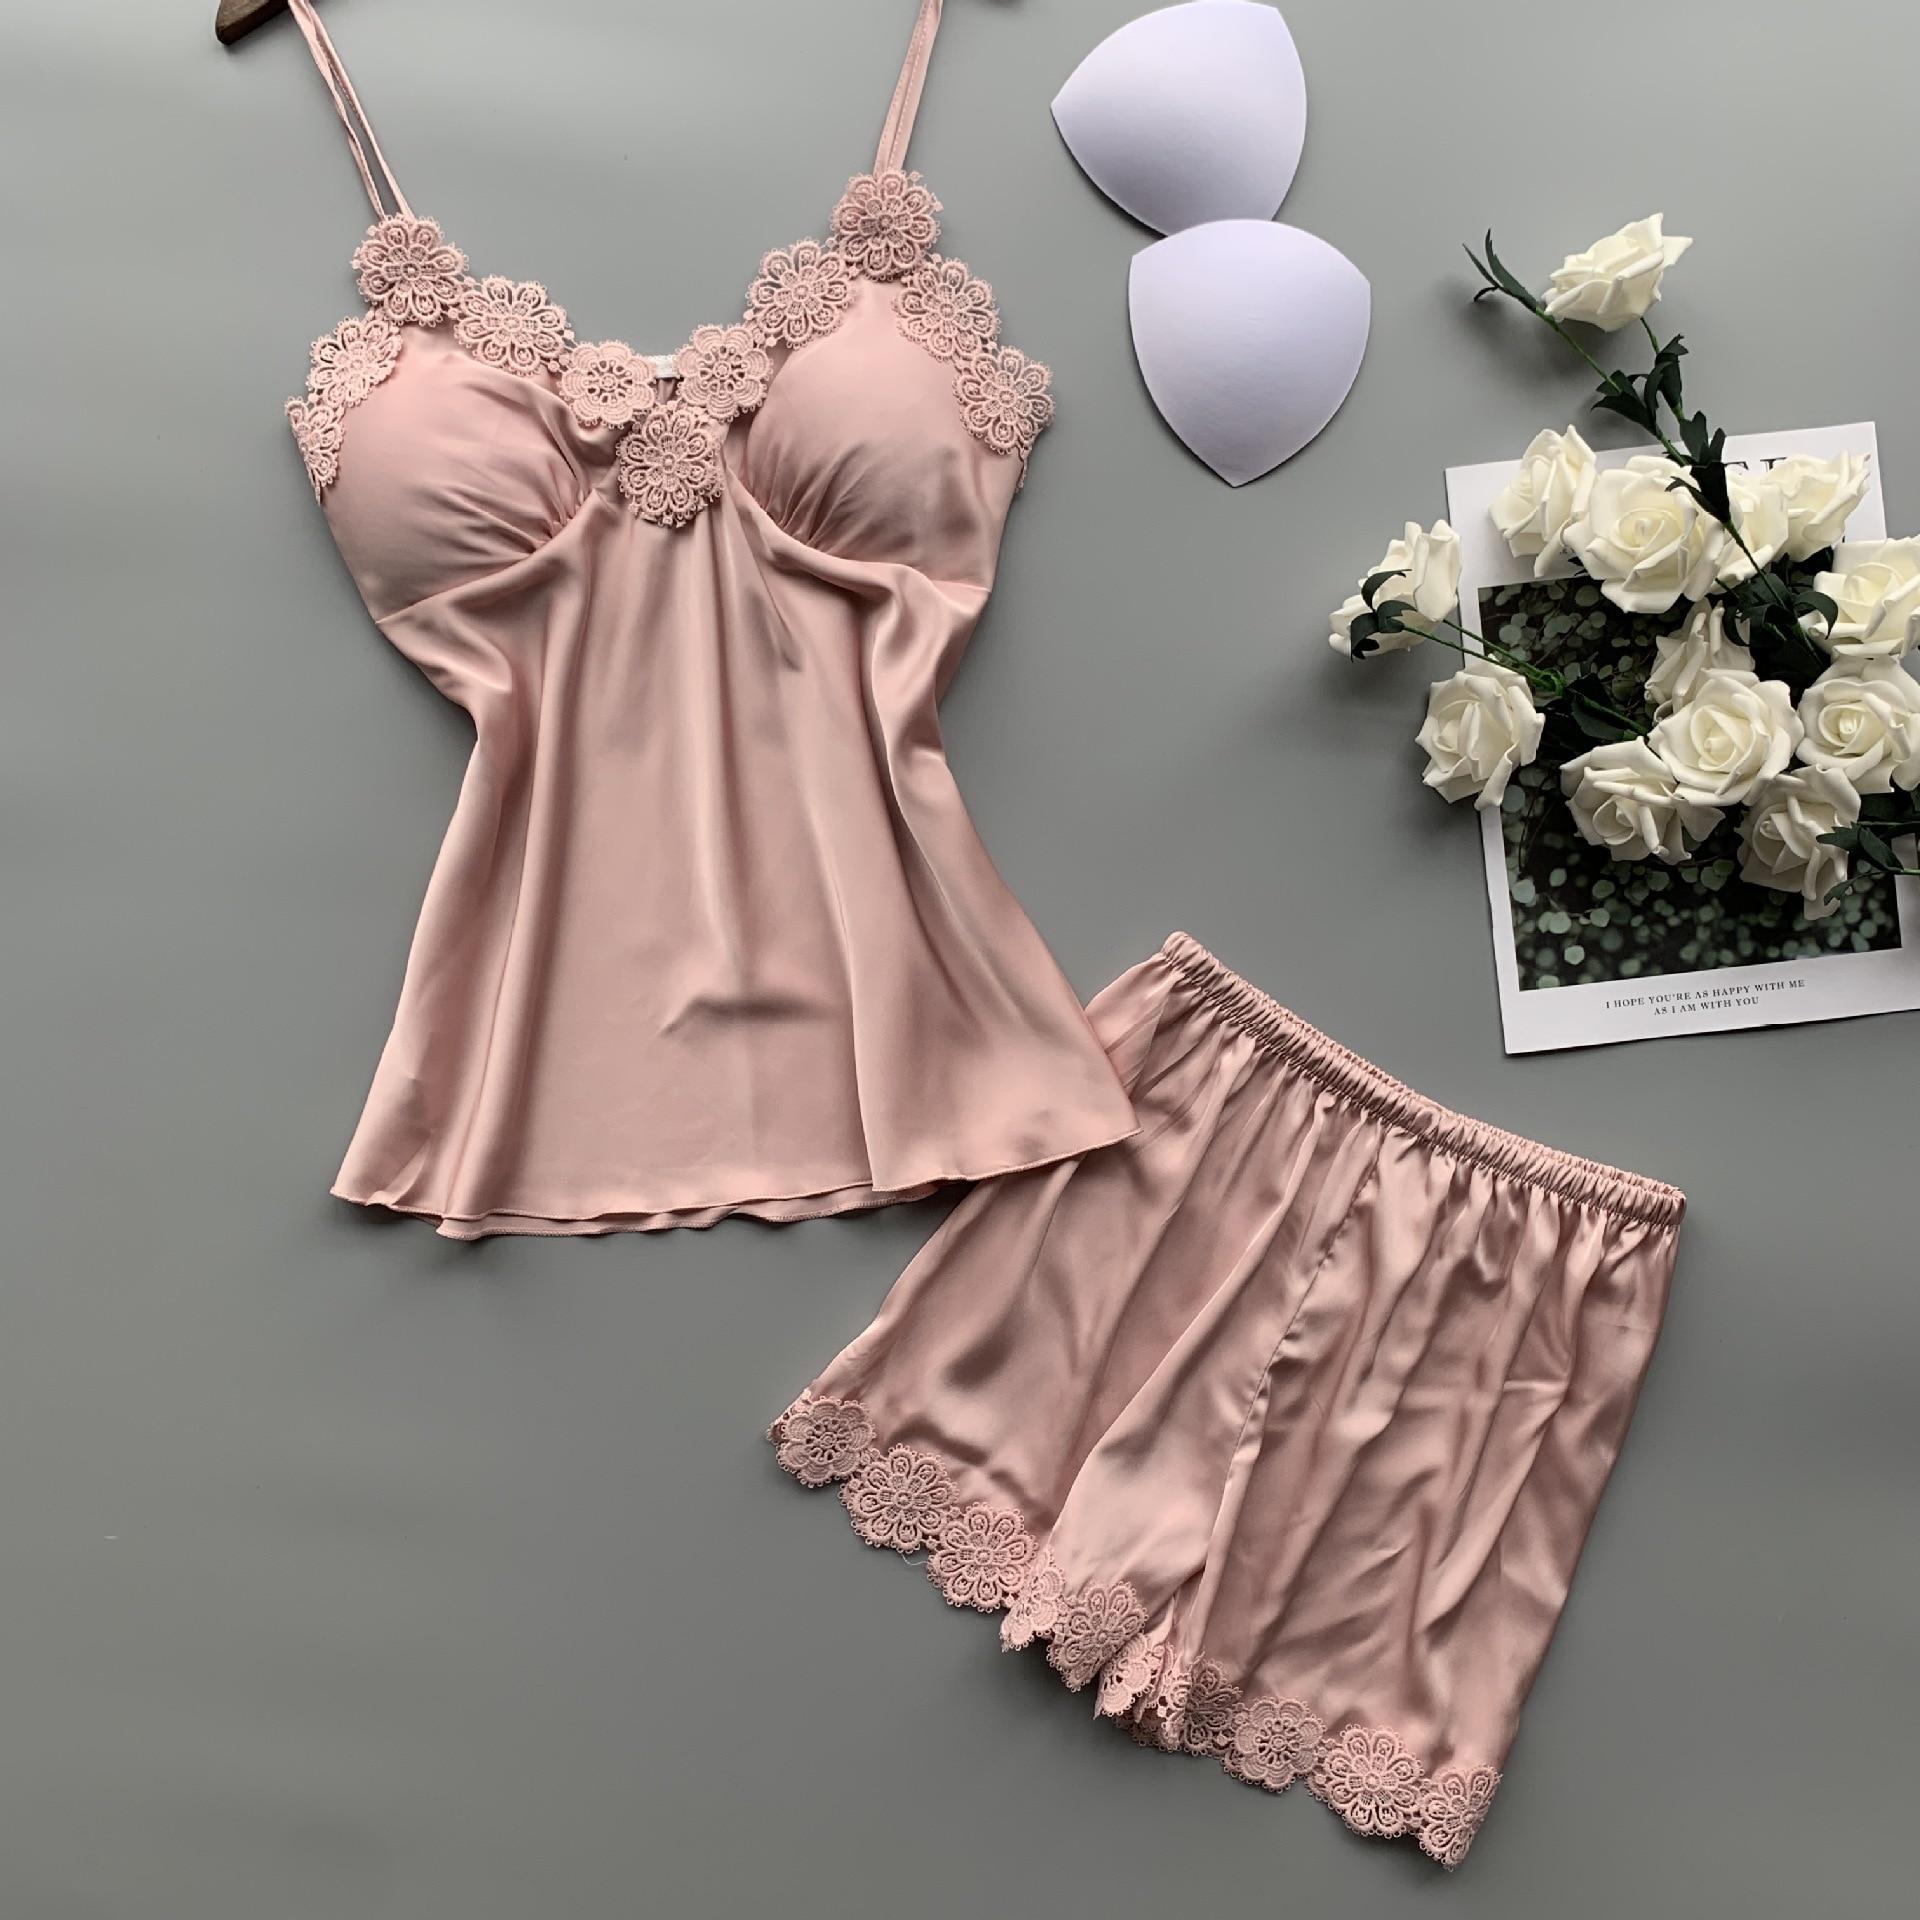 Lace Wedding Sleepwear Lingerie Set for Women